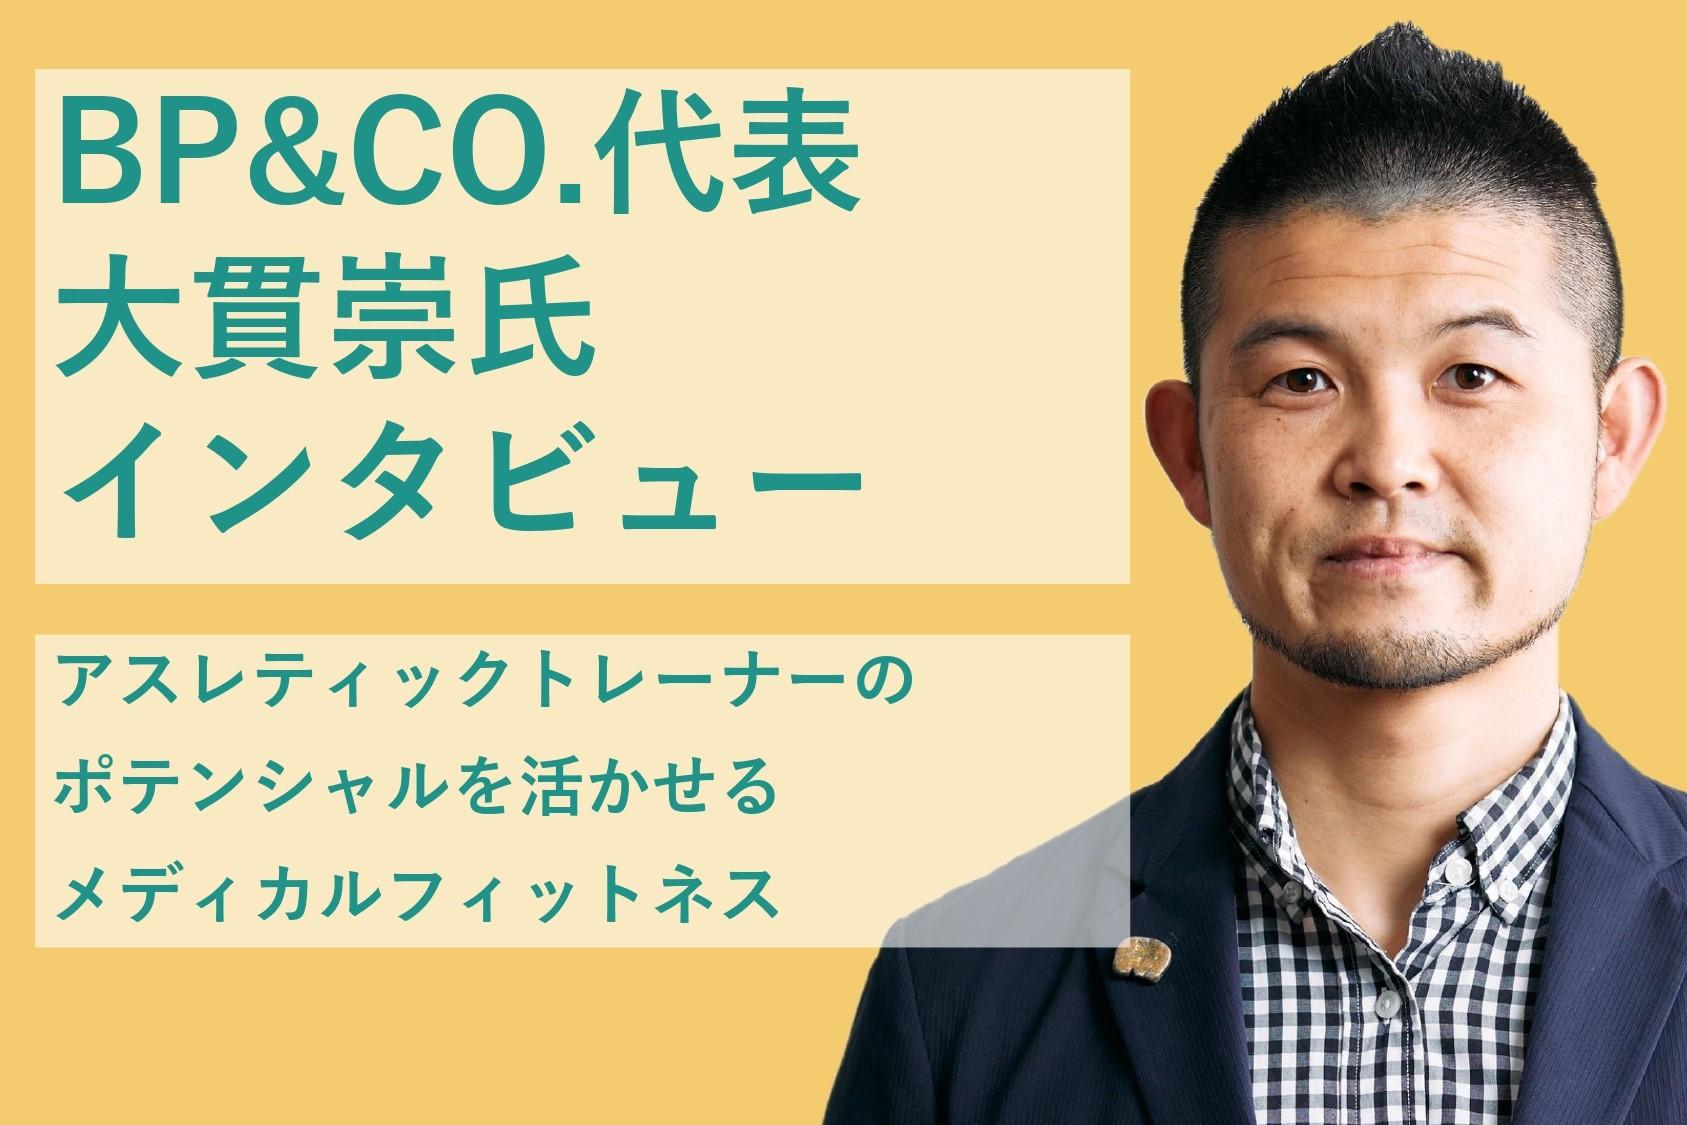 大貫崇氏インタビュー アスレティックトレーナーのポテンシャルを活かせるメディカルフィットネス